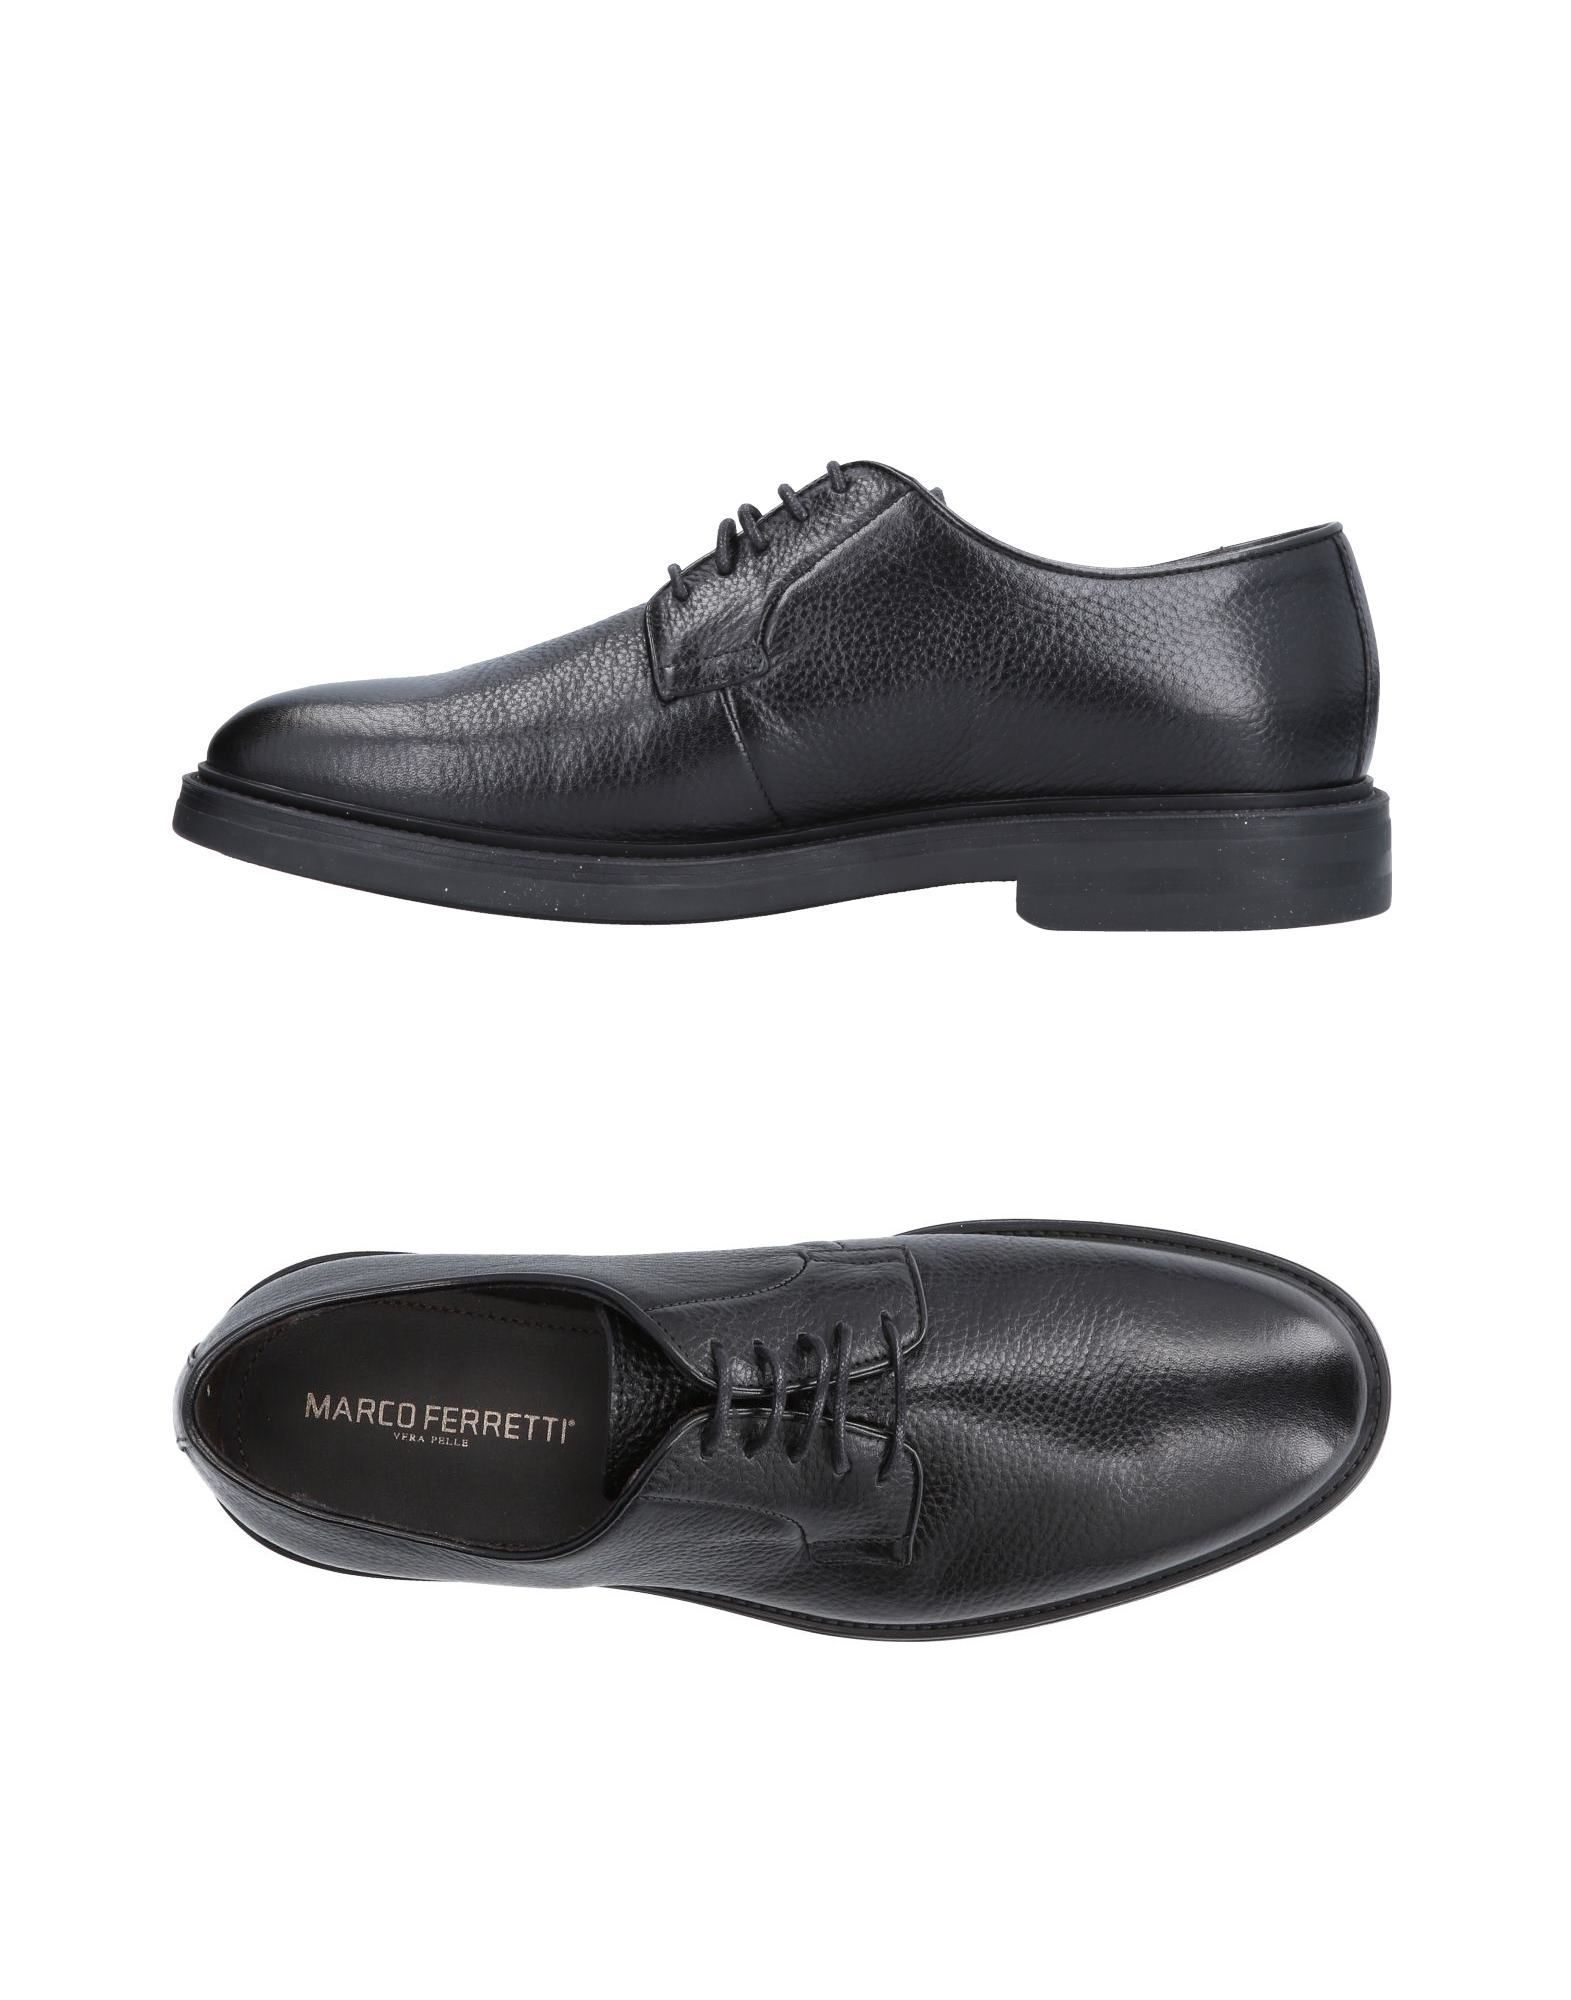 Фото - MARCO FERRETTI Обувь на шнурках обувь на высокой платформе dkny